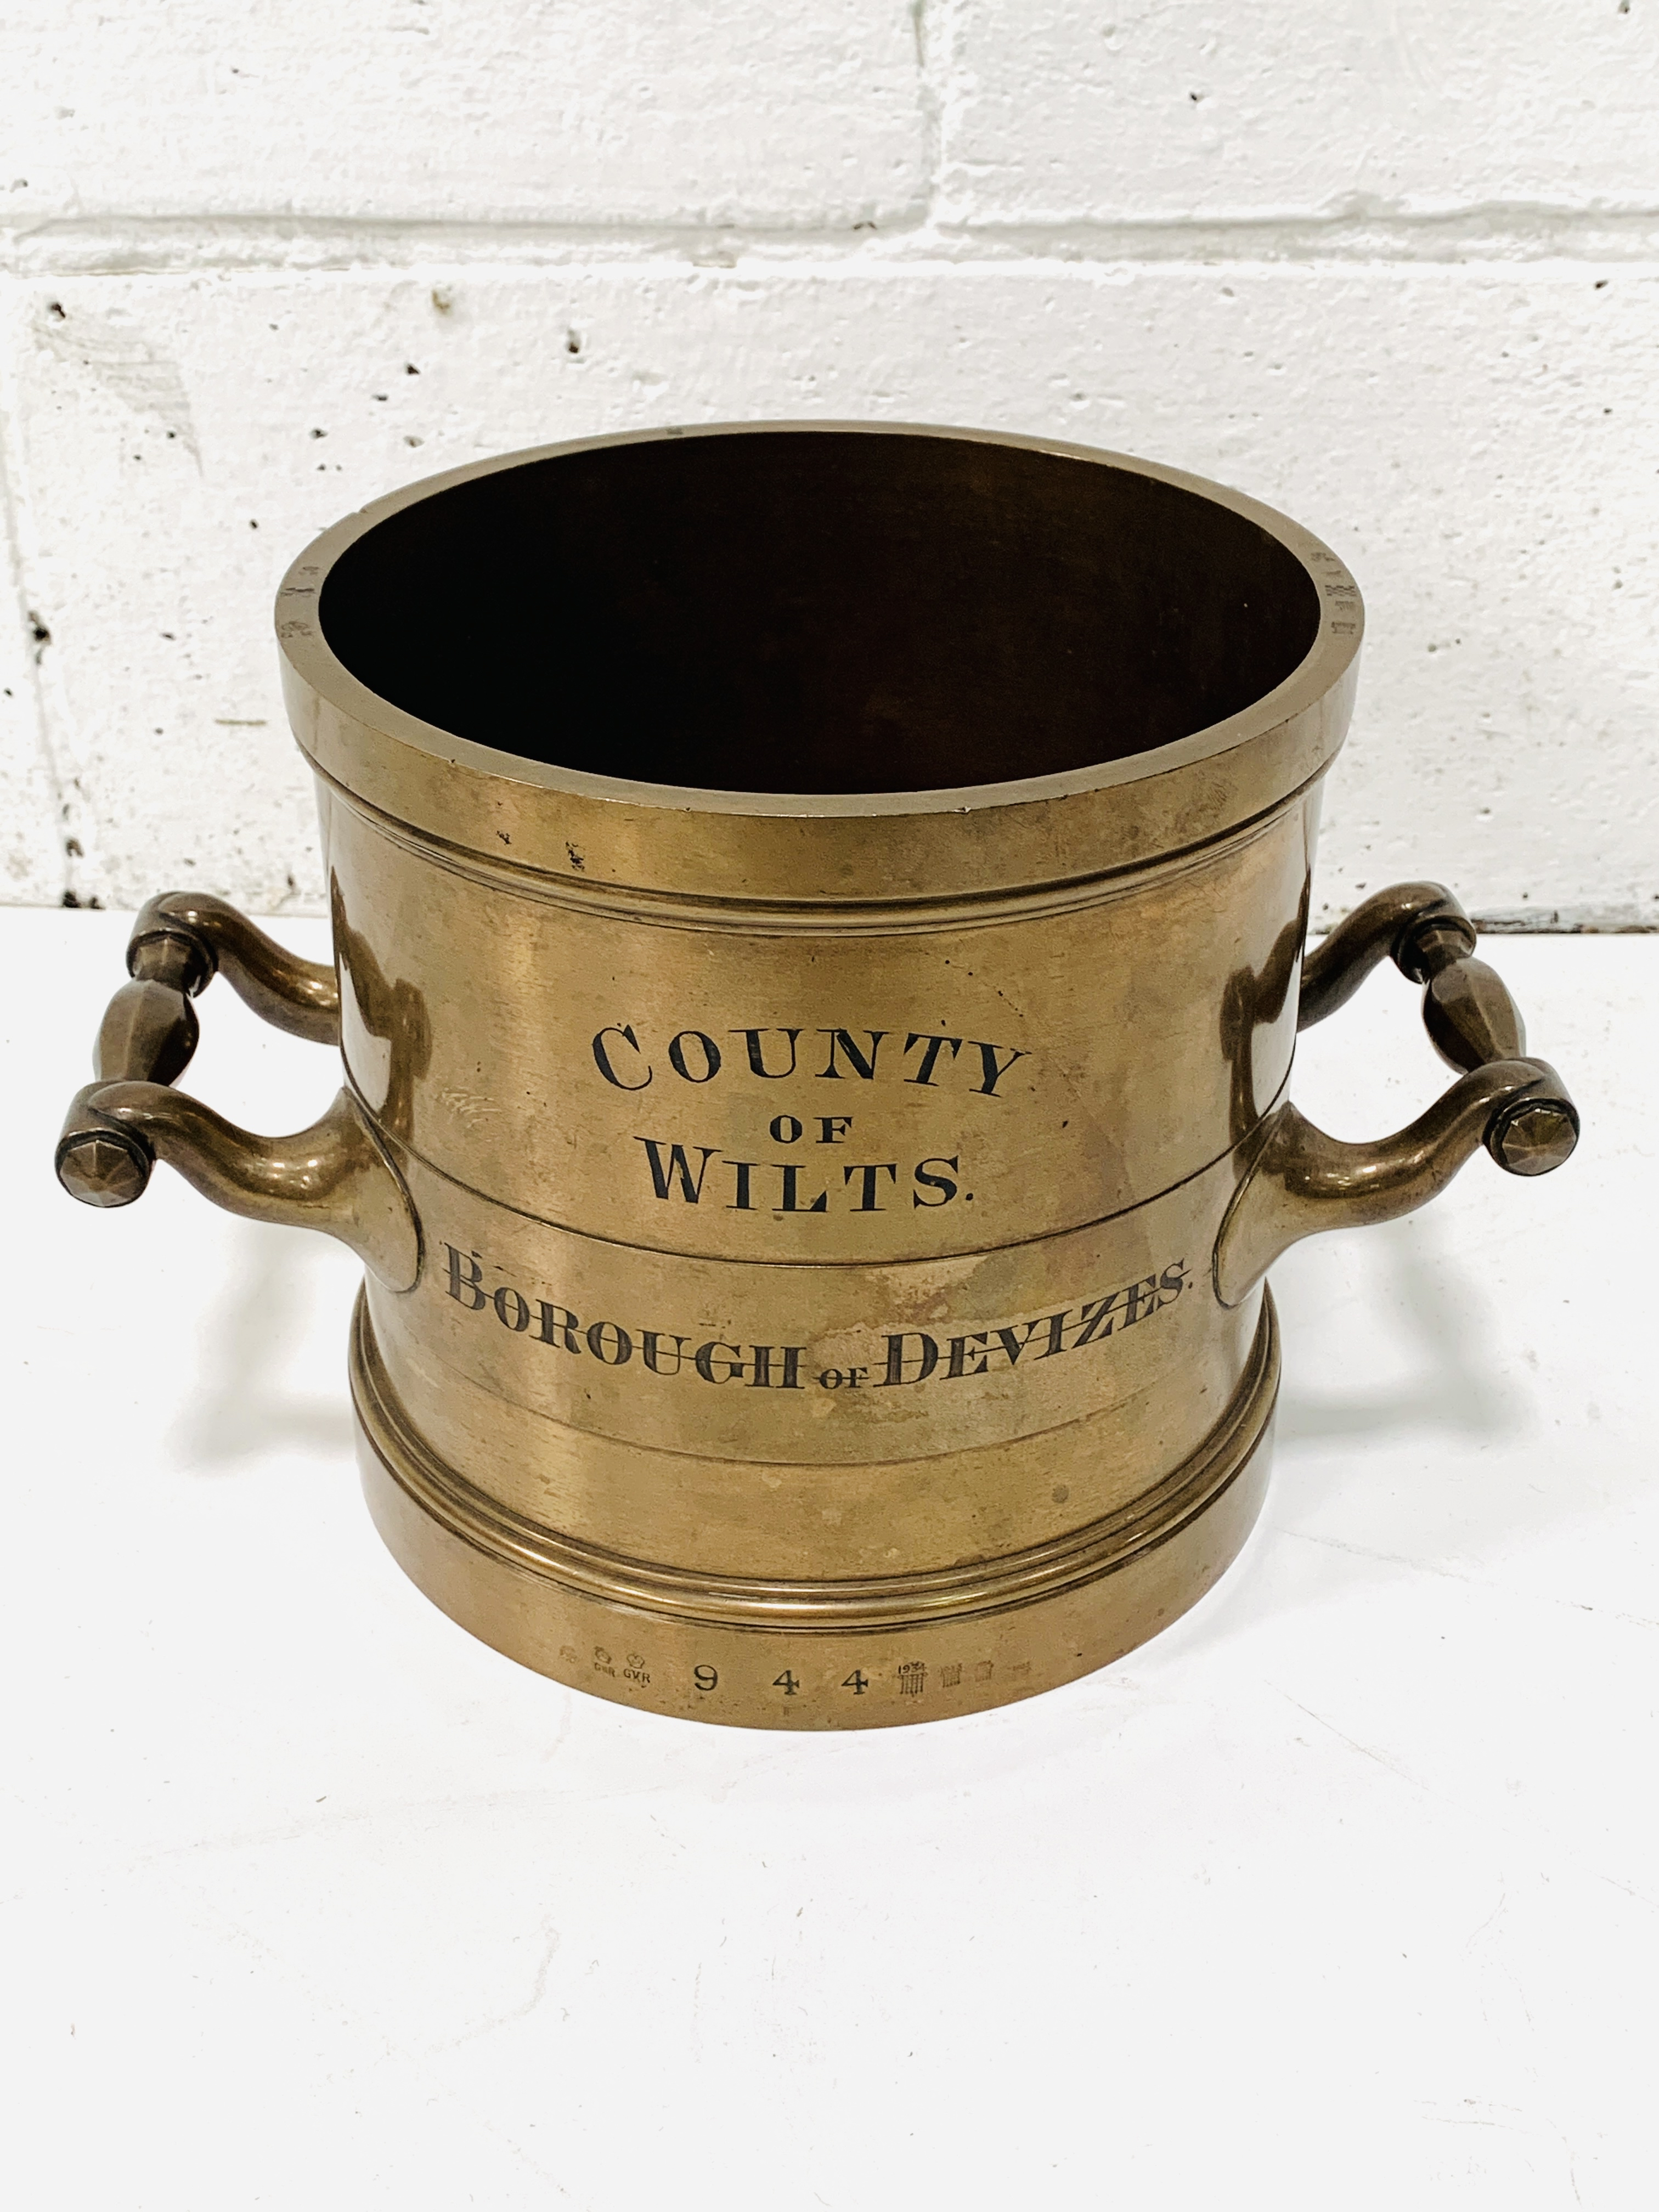 Imperial gallon bronze measure